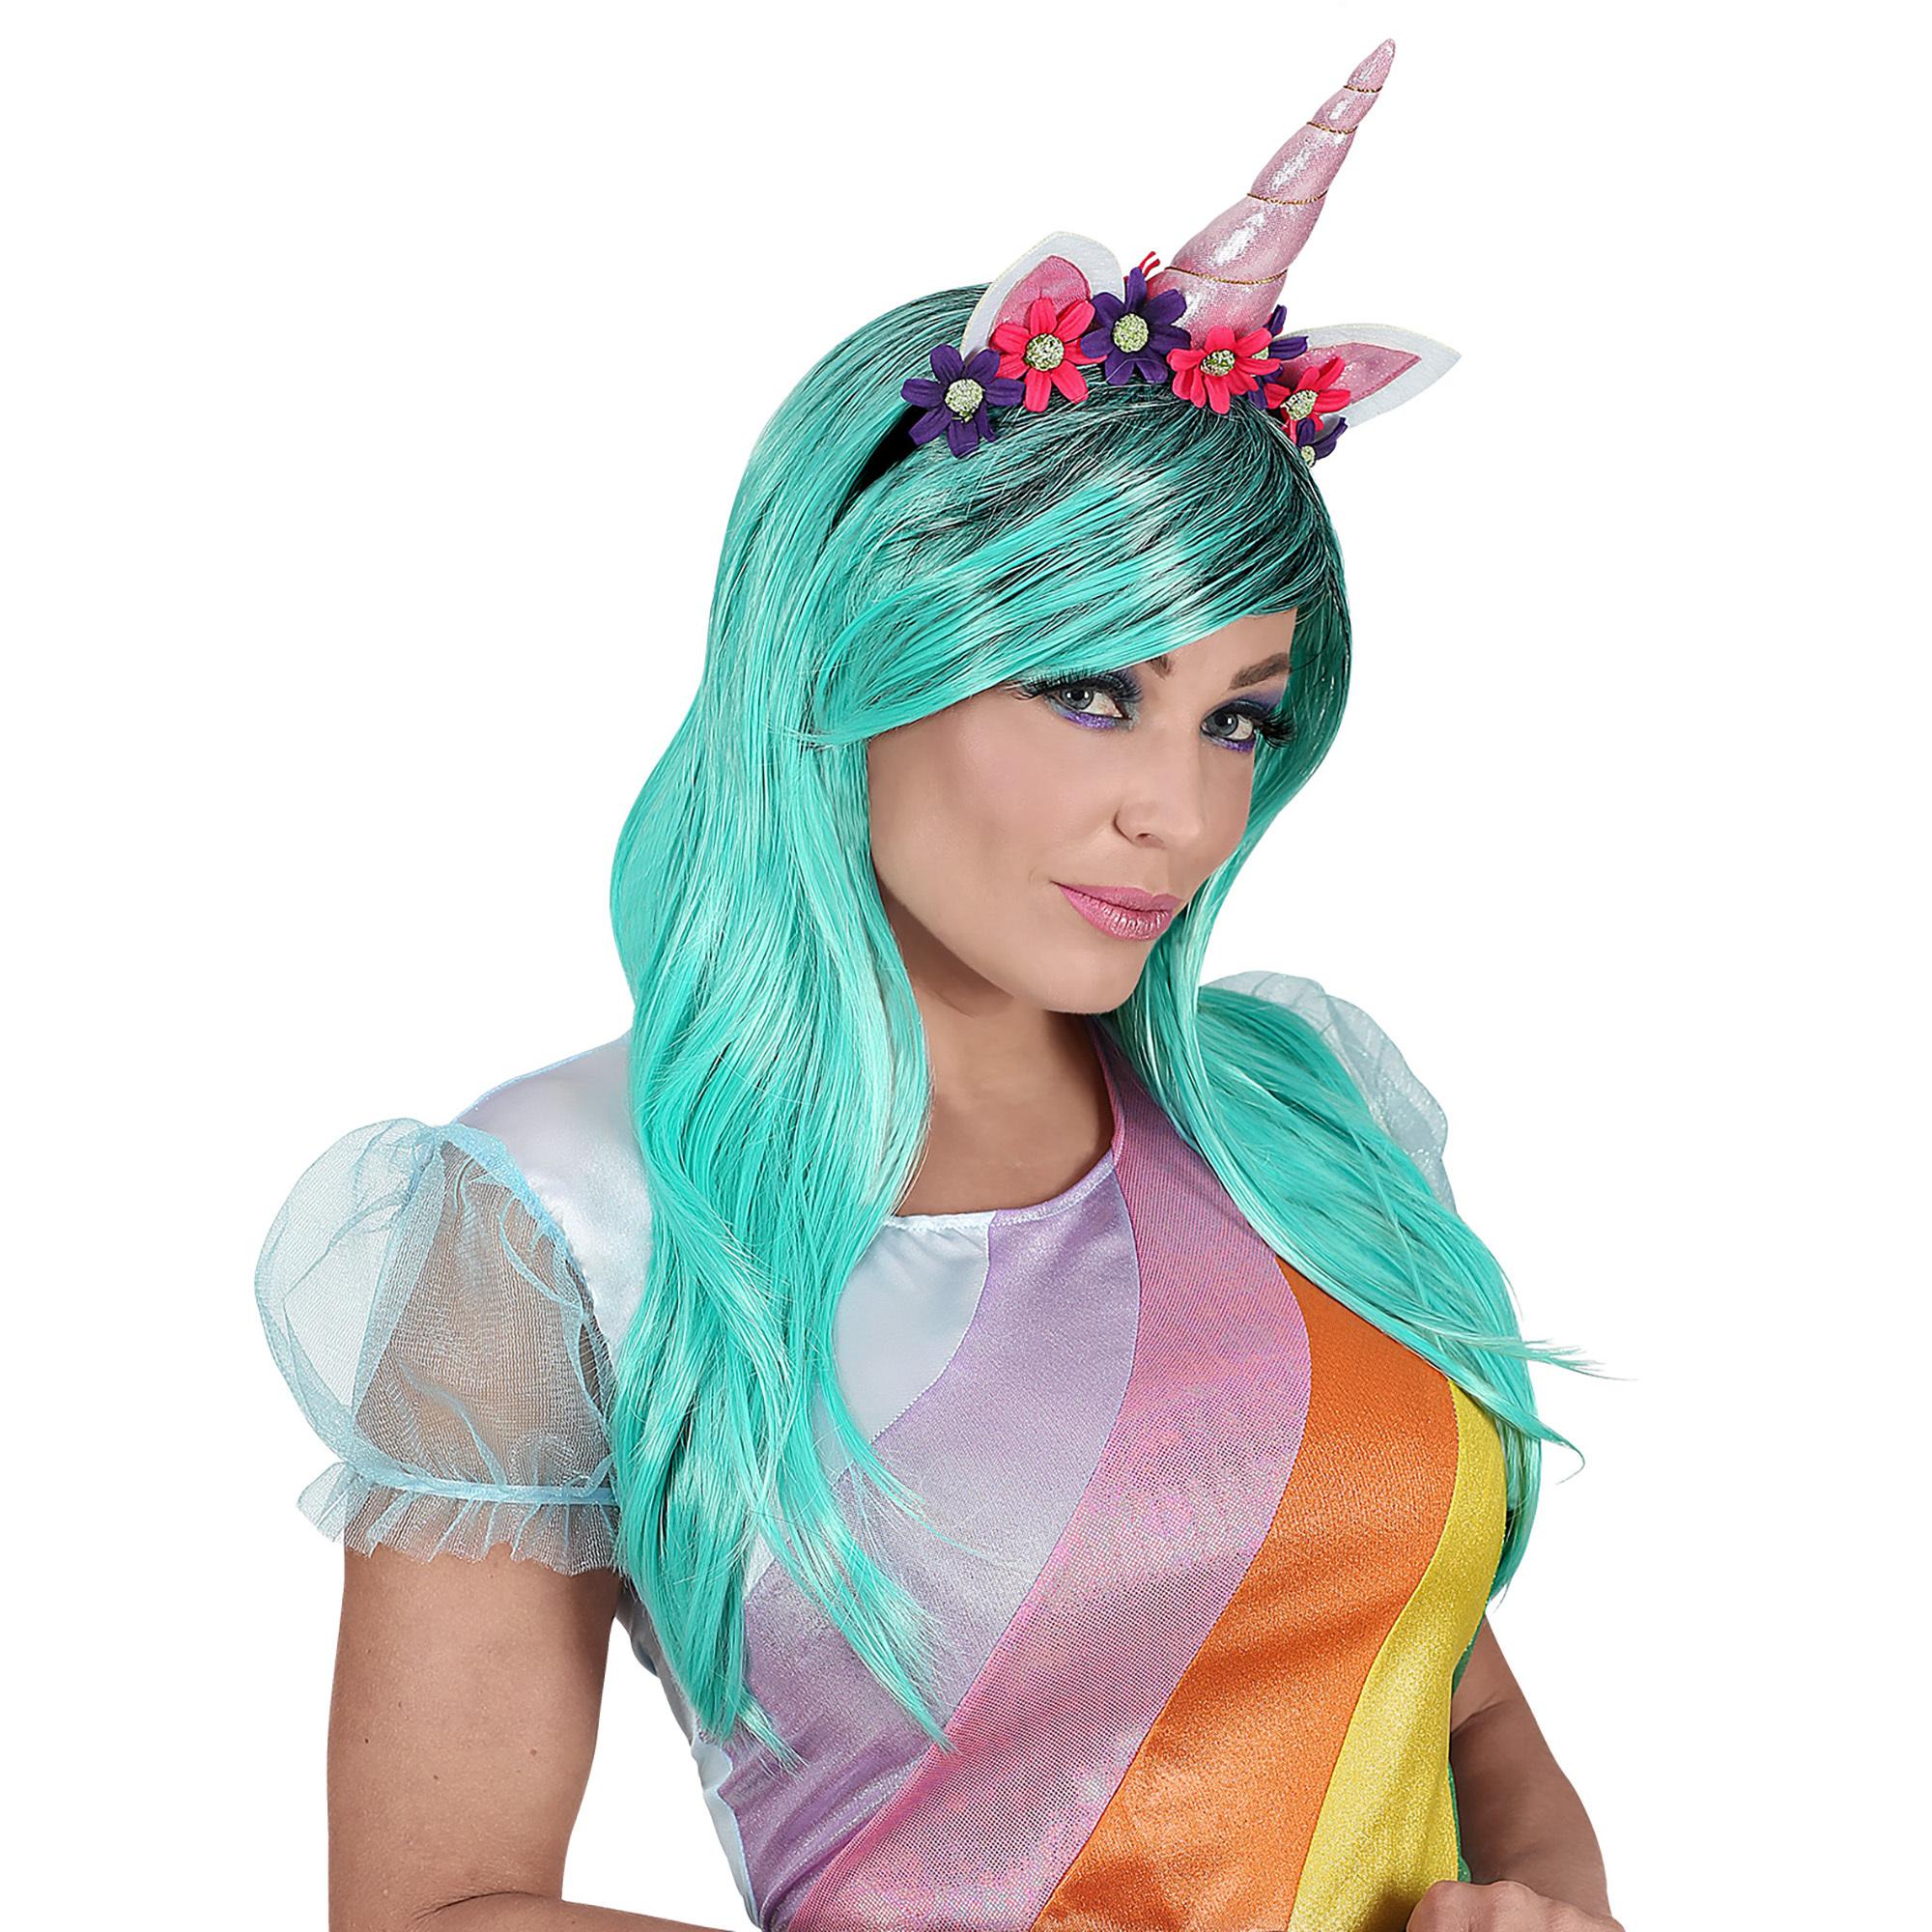 543ba3d3b7ee97 ... foto 3 Eenhoorn unicorn blauw groene pruik met bloemetjes haarband ...